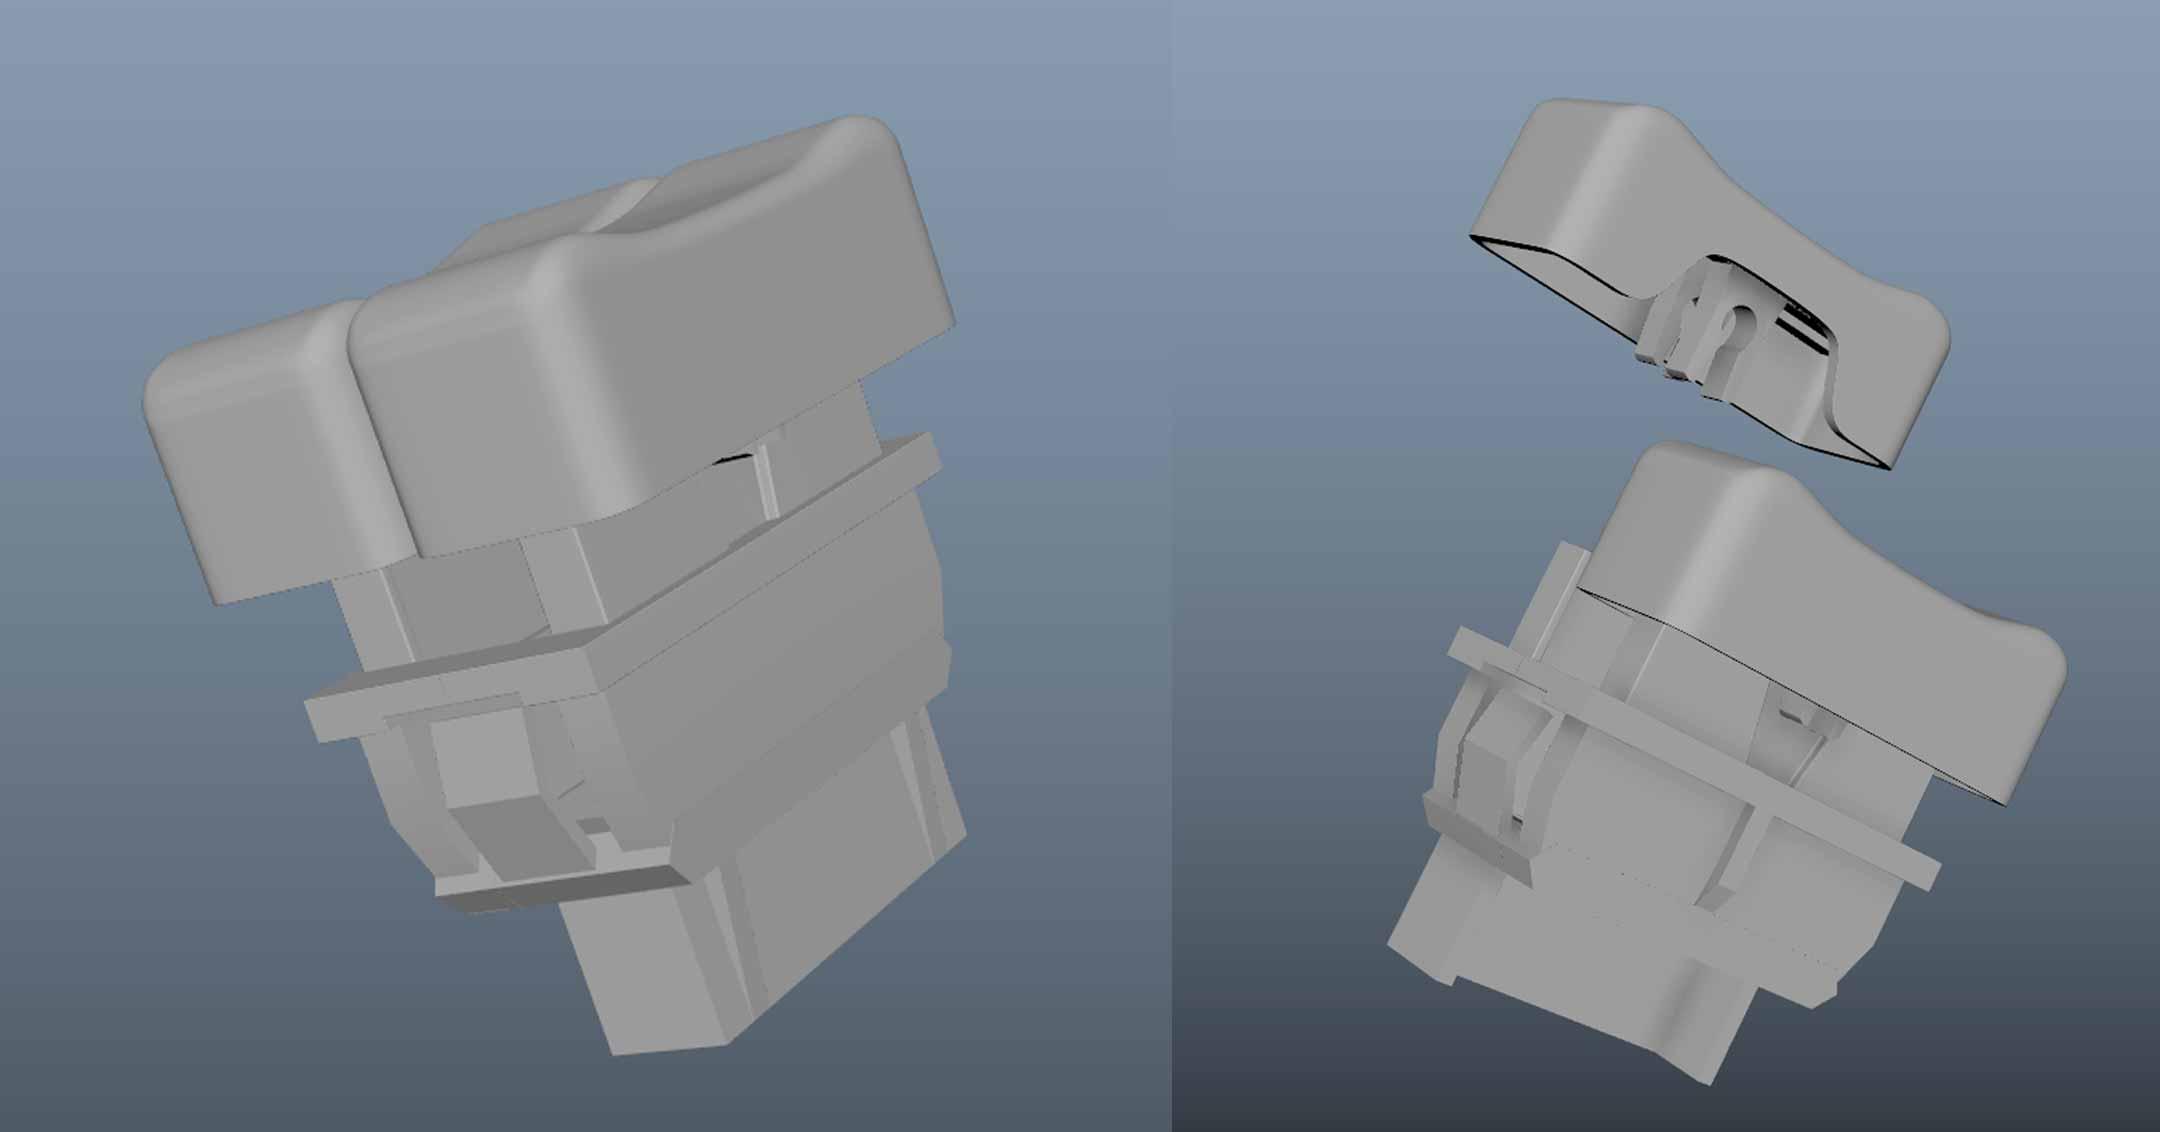 Brandon Fayette's 3D Model DeLorean Parts | DeLoreanDirectory.com